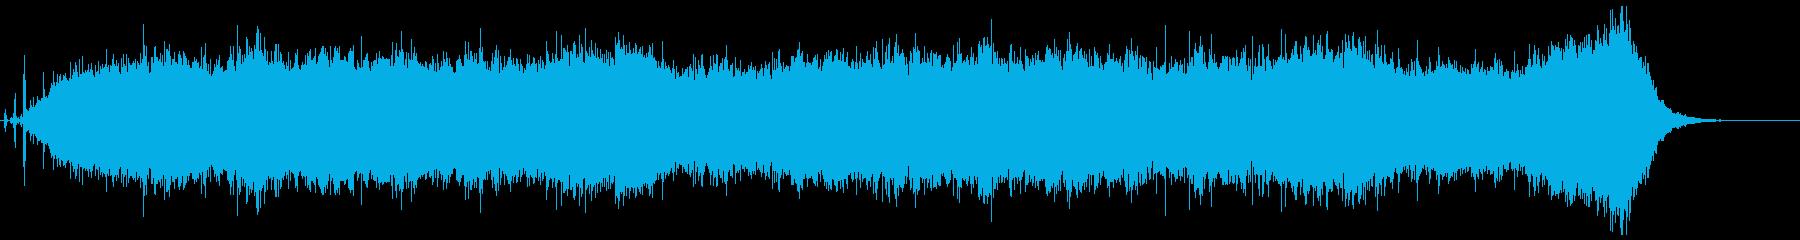 背景音 ホラー 22の再生済みの波形